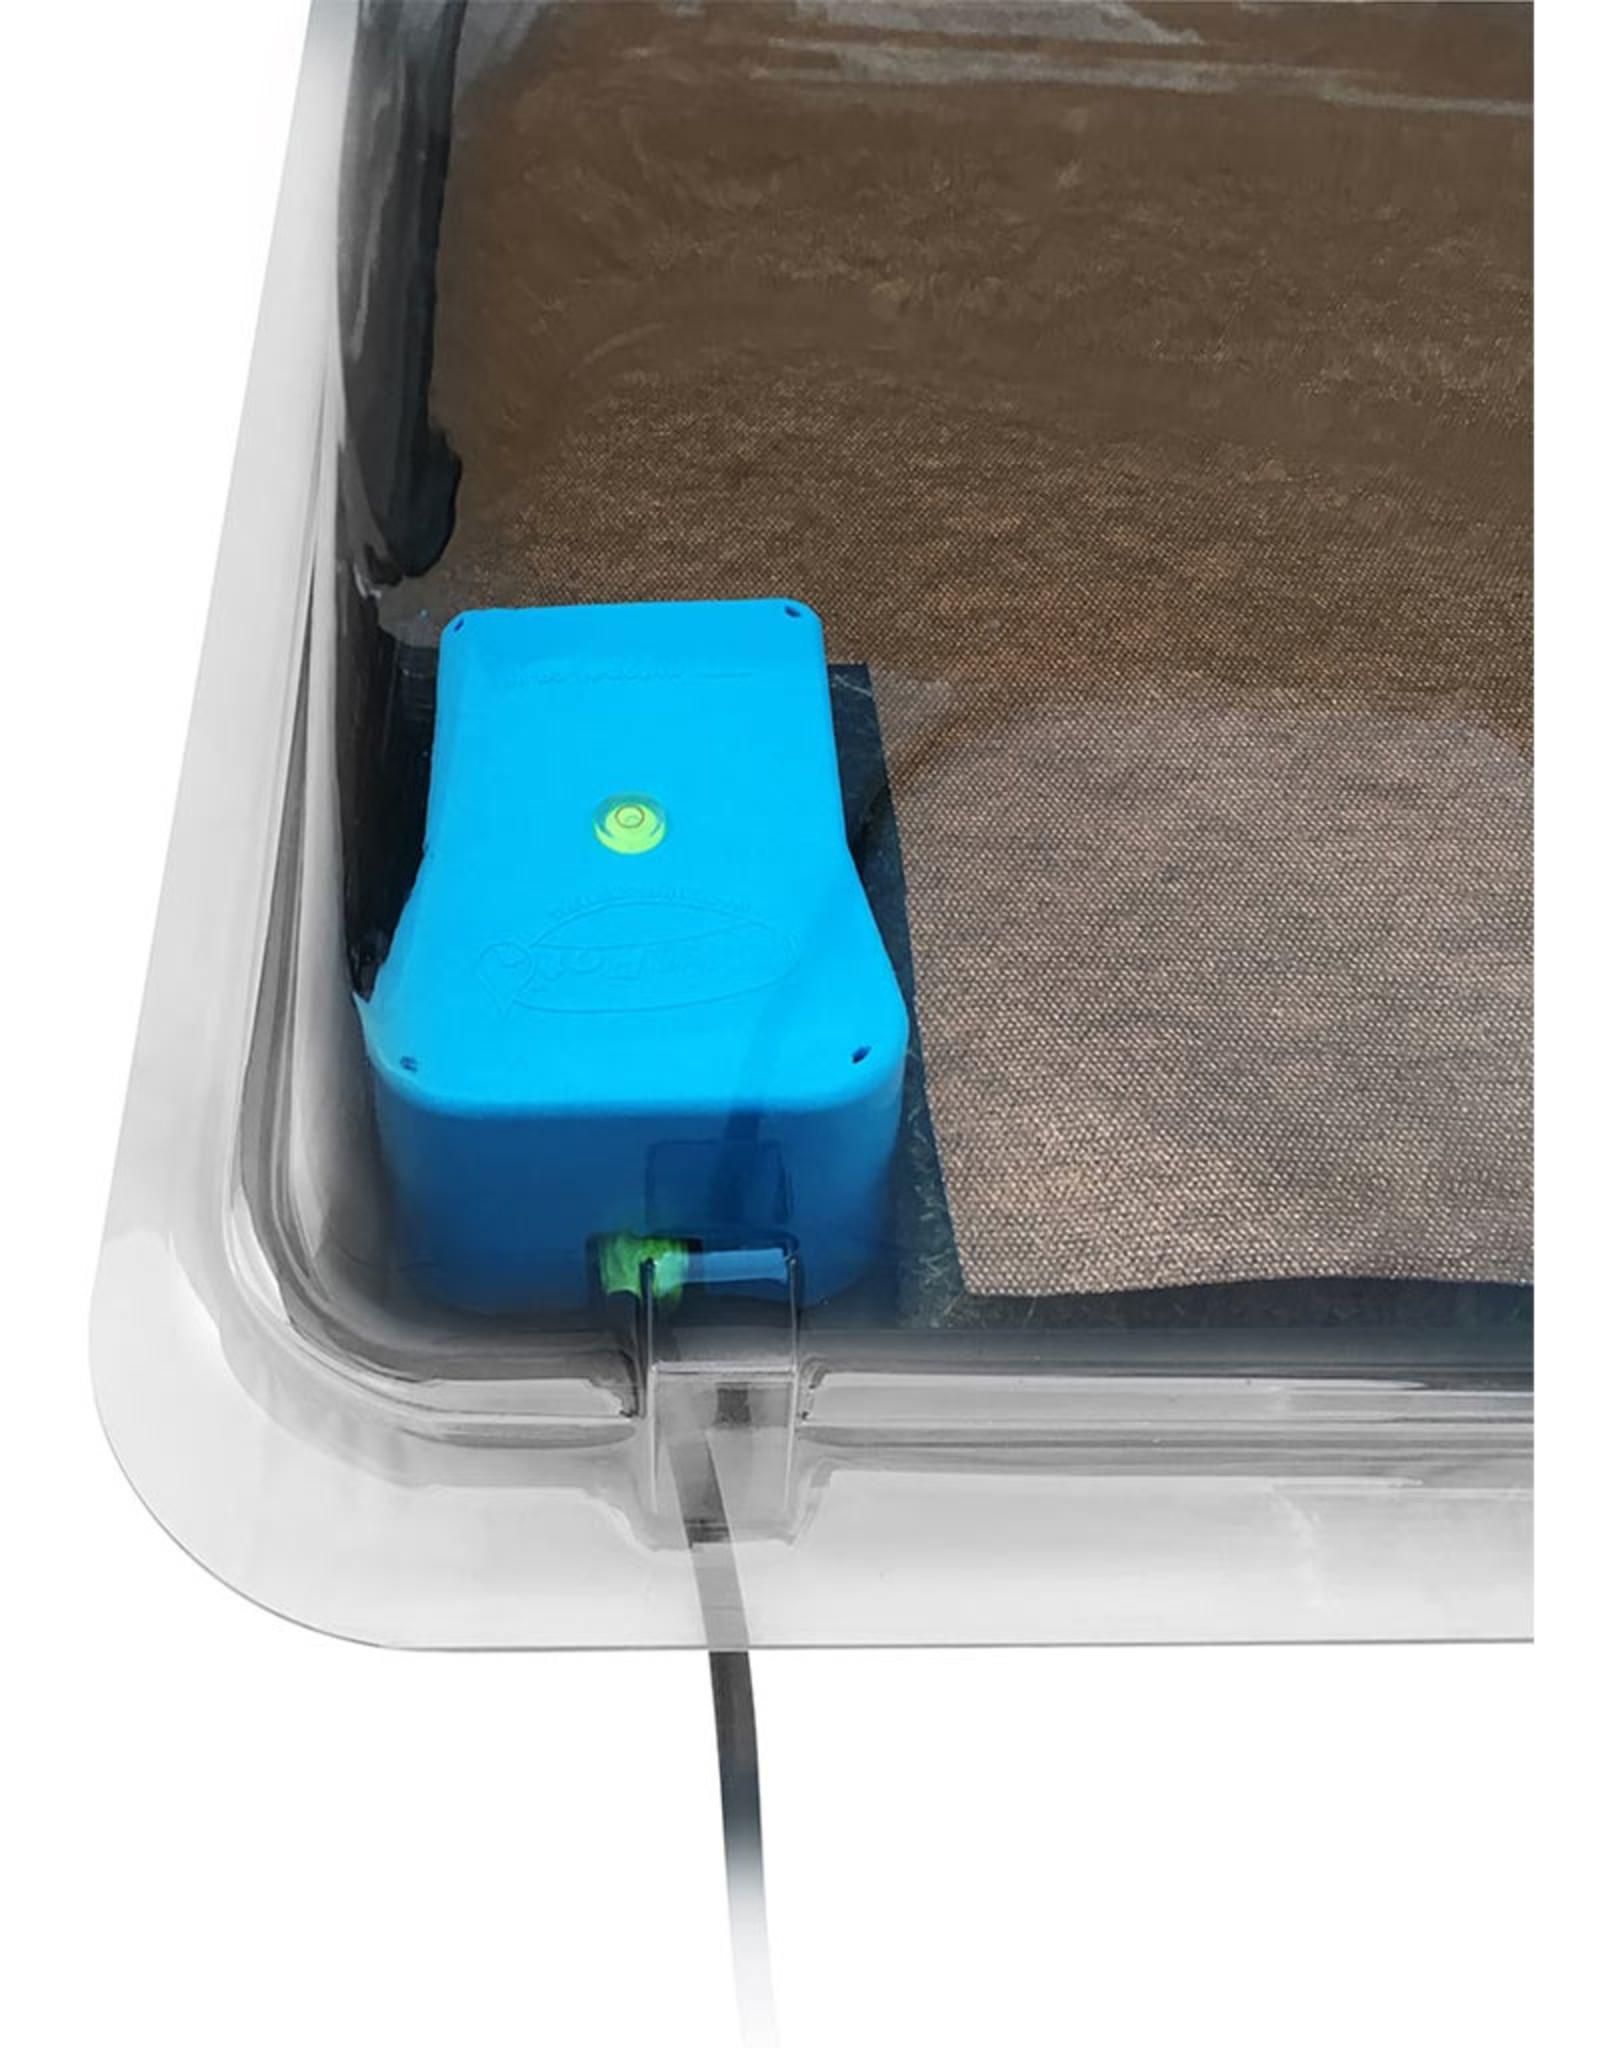 Autopot Autopot Easy 2 Propagate - Complete Kit